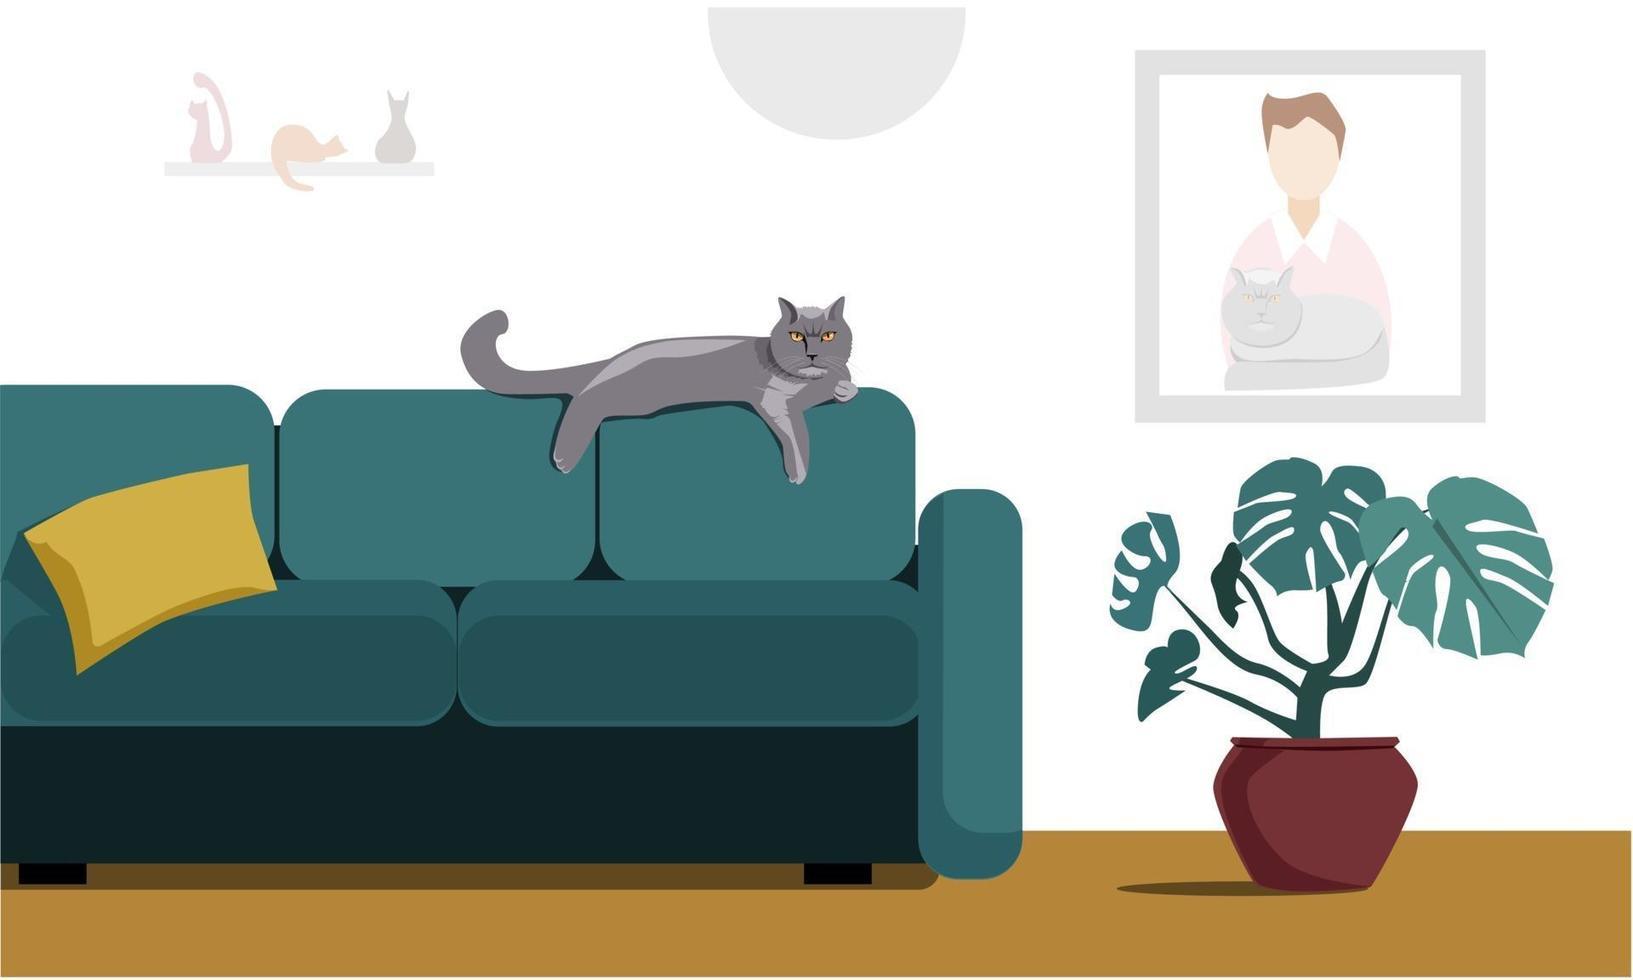 l'interno di un accogliente soggiorno con un simpatico gatto vettore